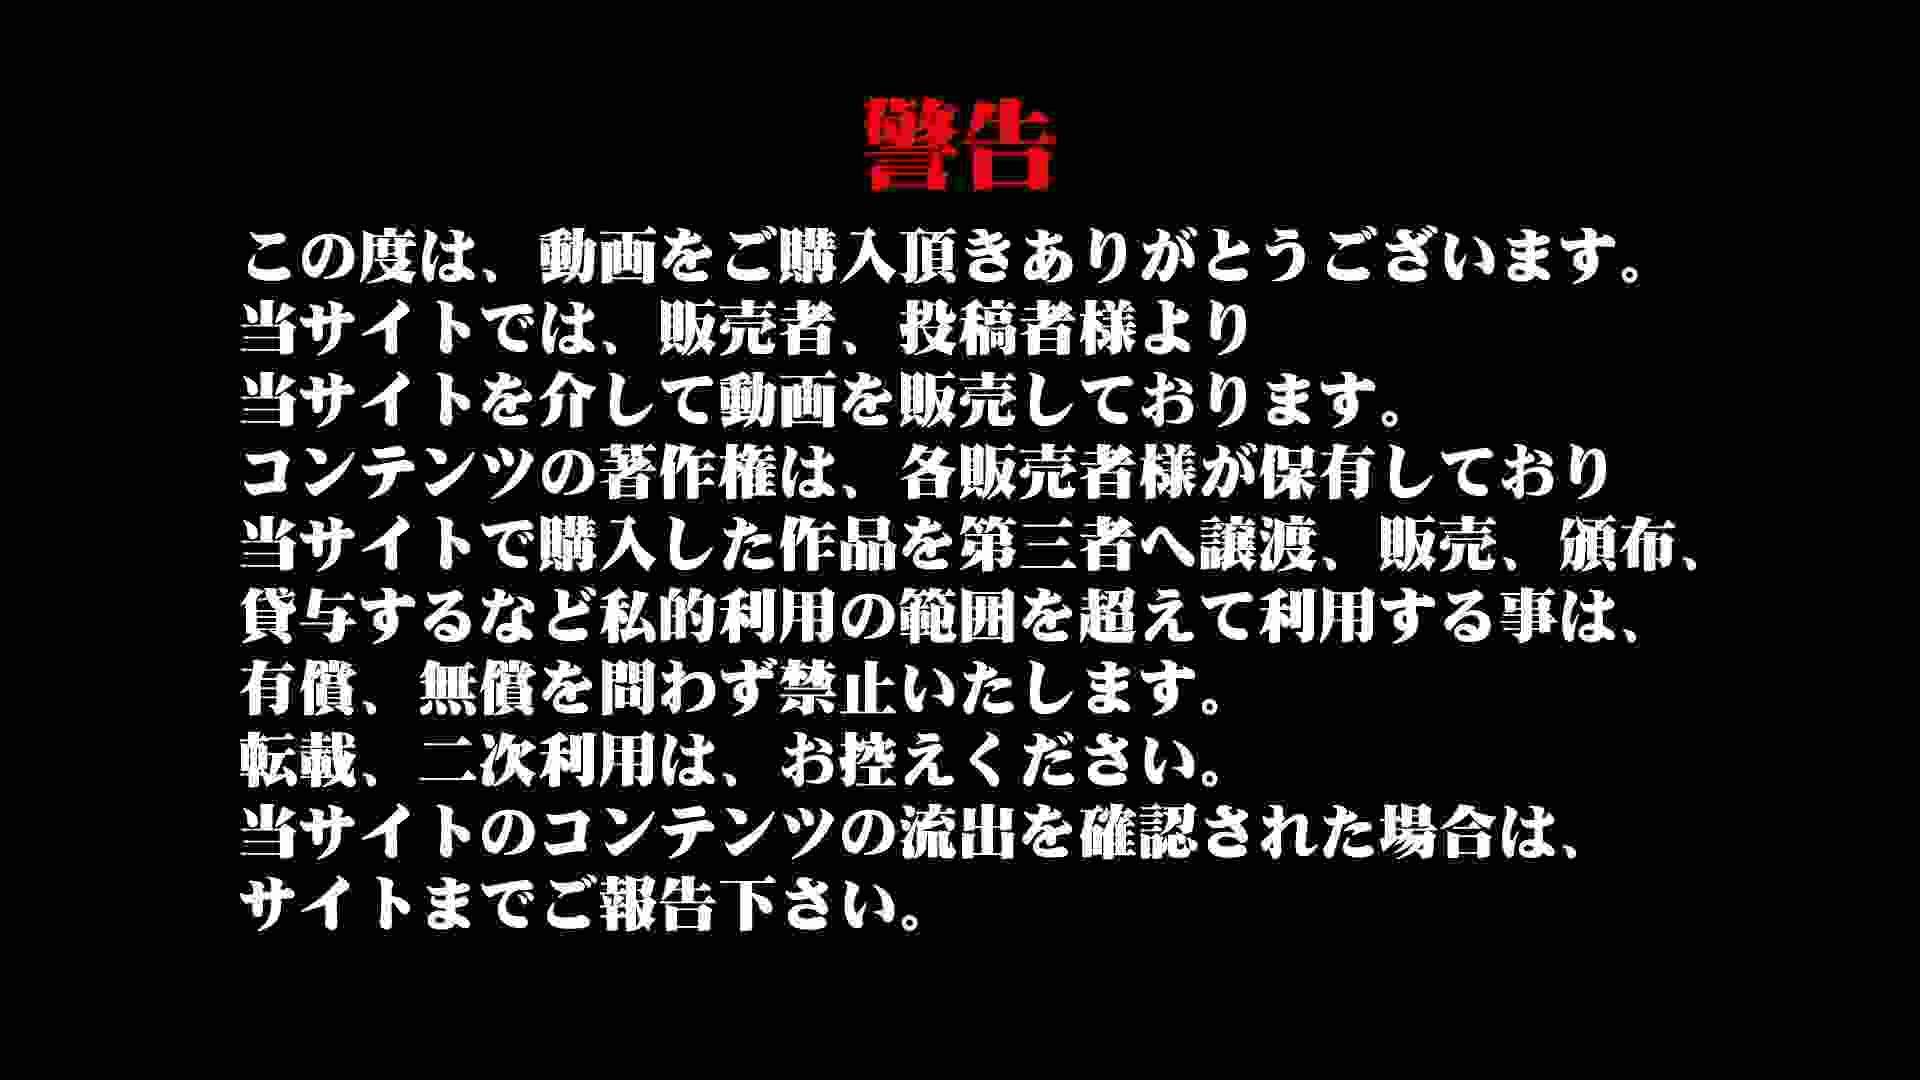 Aquaな露天風呂Vol.894 盗撮シリーズ  85PIX 2